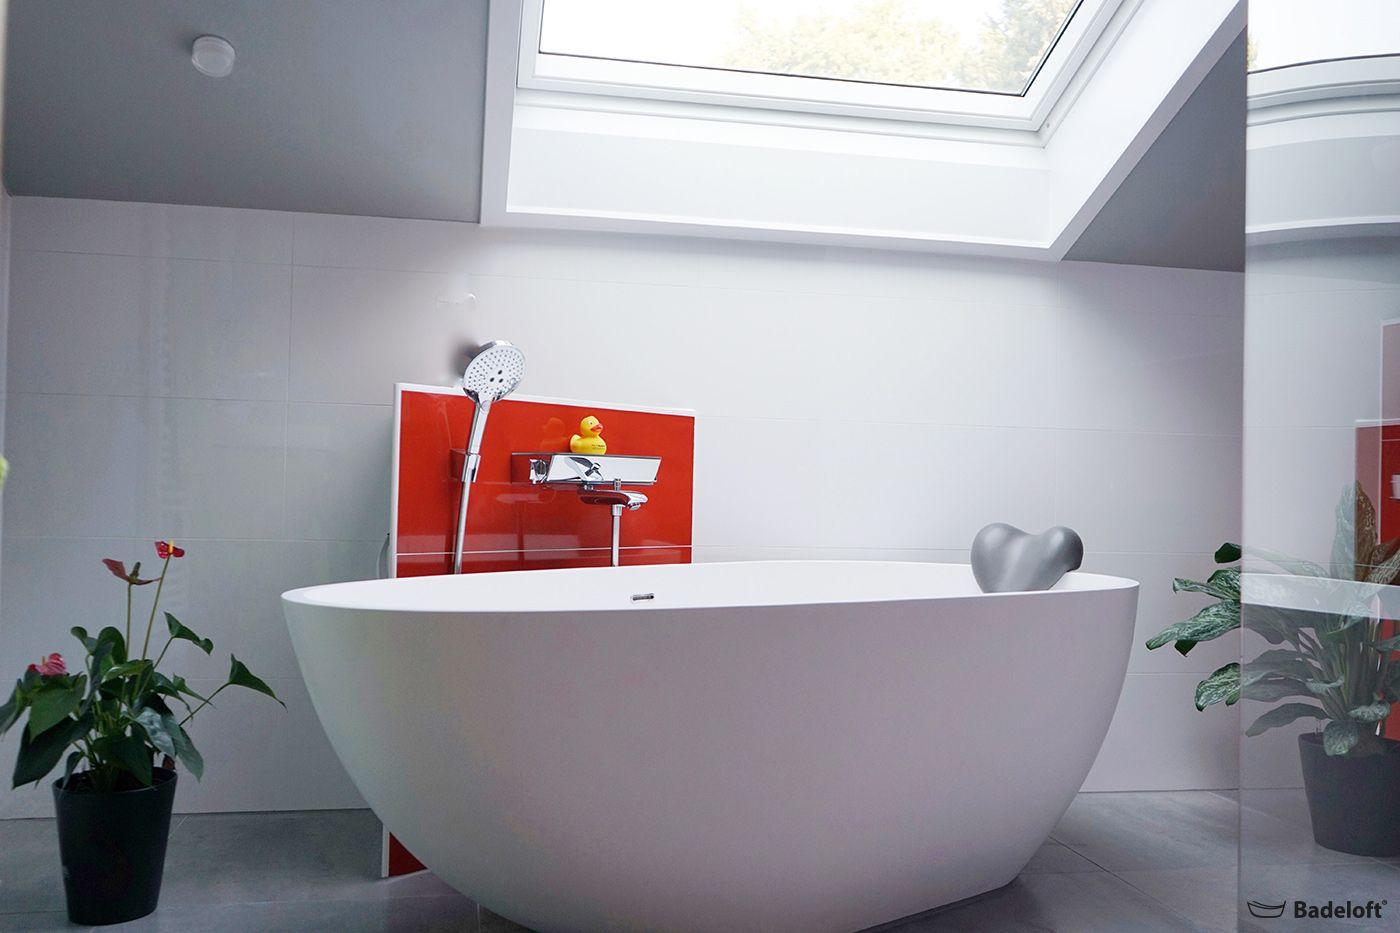 Jeder Hat Einen Anderen Geschmack Und Kann Ihn Nun Endlich Auch Im Badezimmer Mit Tollen Farben Und Besonderen Accessoires Auslebe Badewanne Duschsysteme Baden